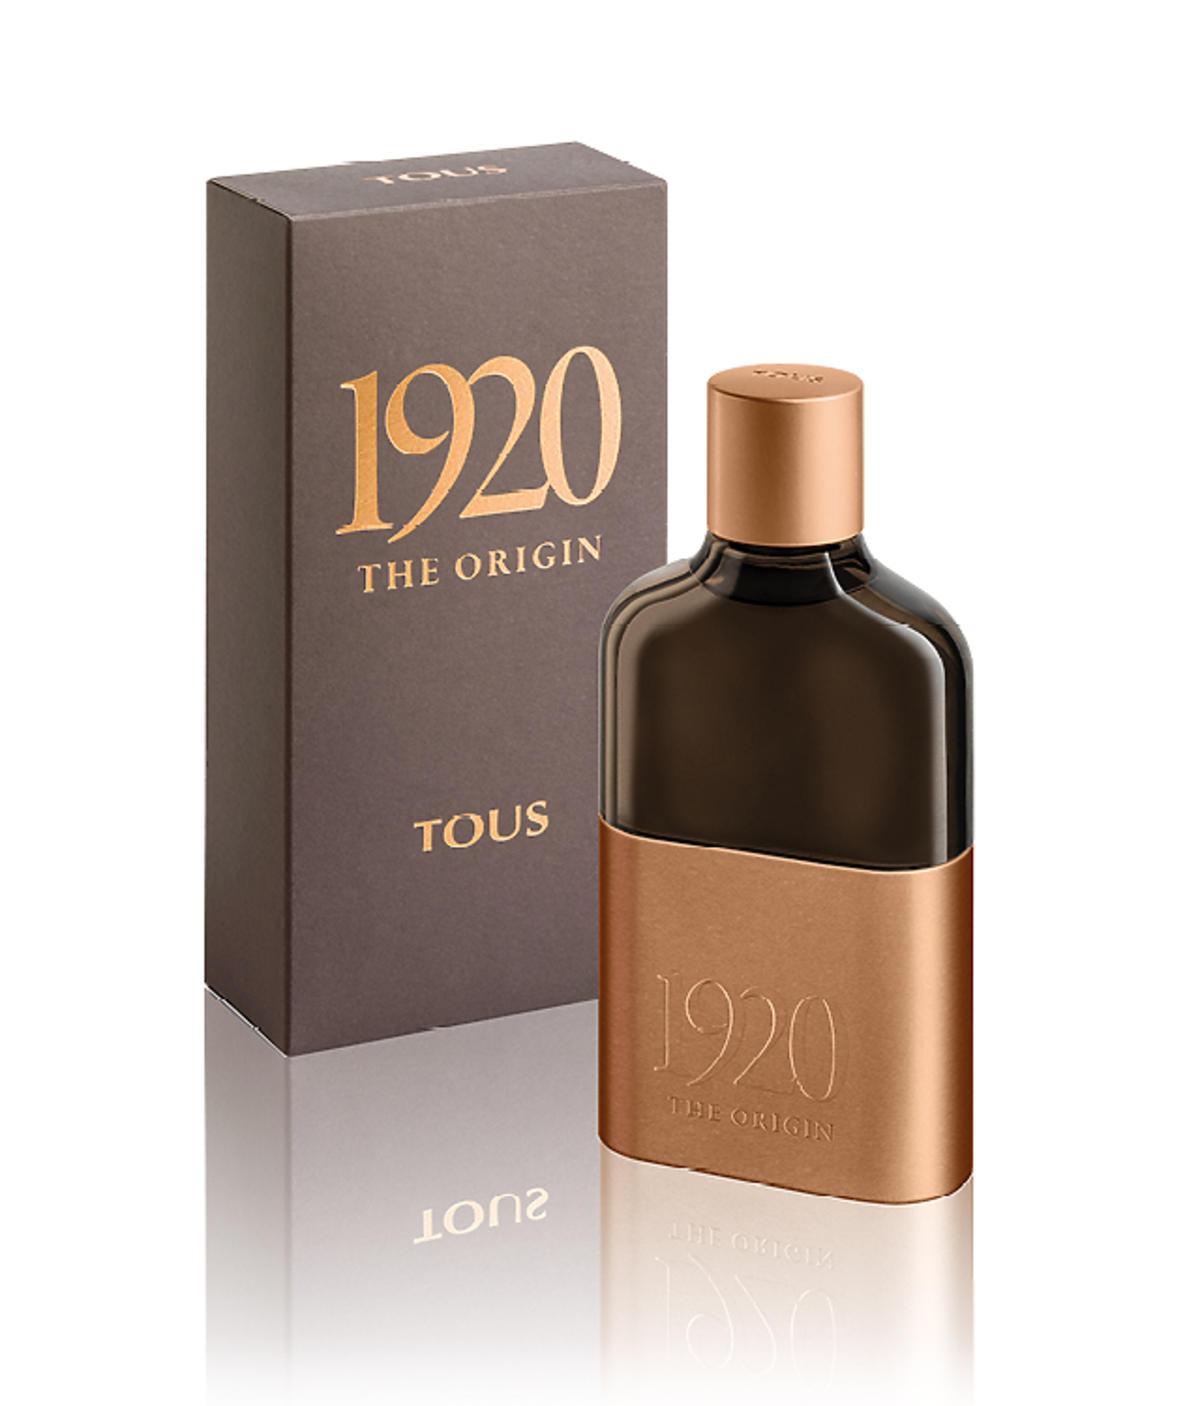 Woda perfumowana dla meżczyzn 1920 The Origin, Tous, 239 zł